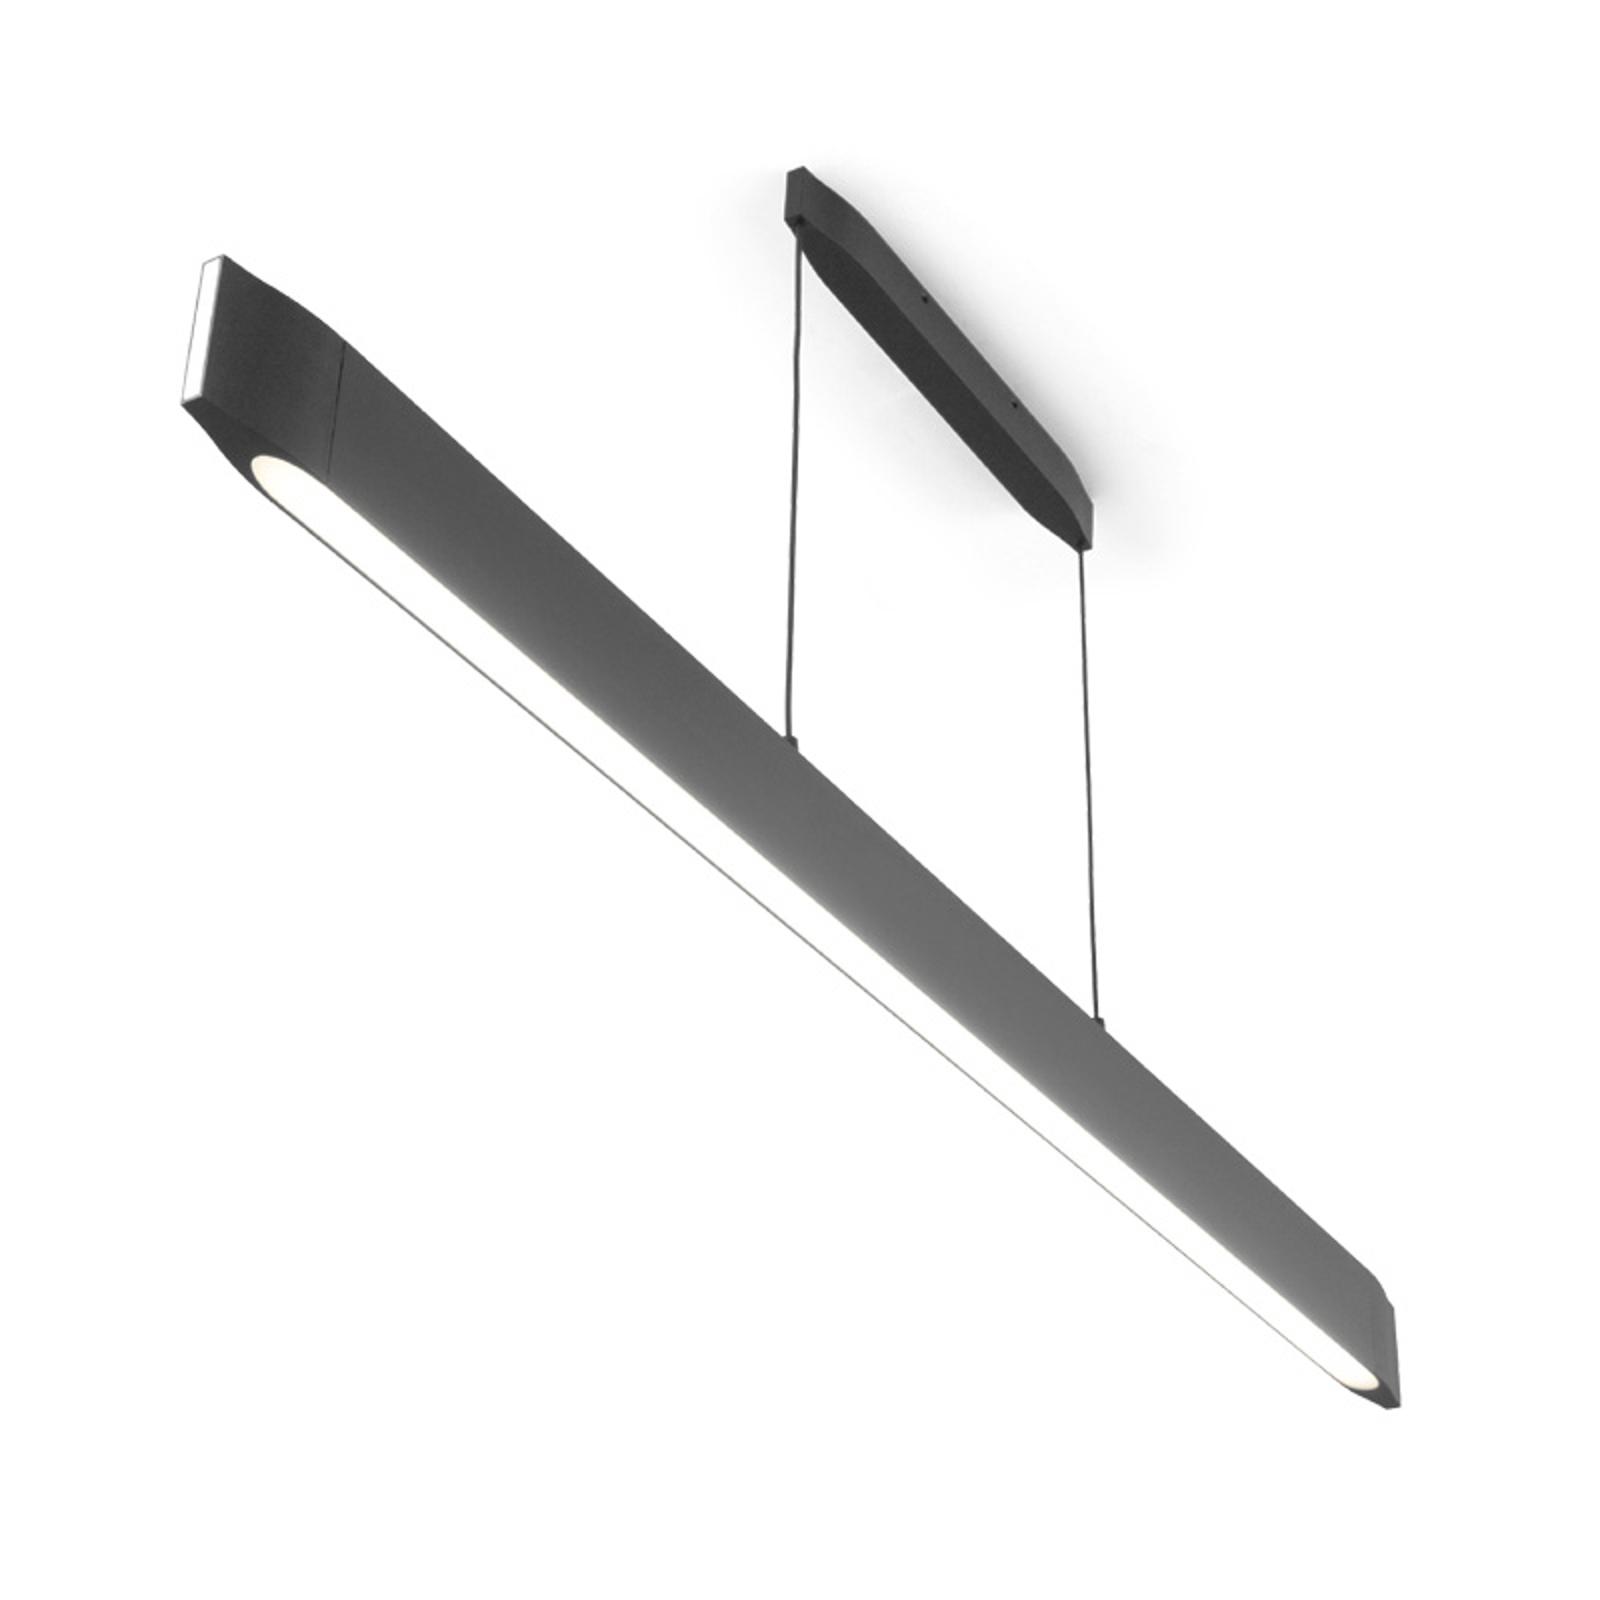 WEVER & DUCRÉ Ello 13.0 LED hanglamp zwart